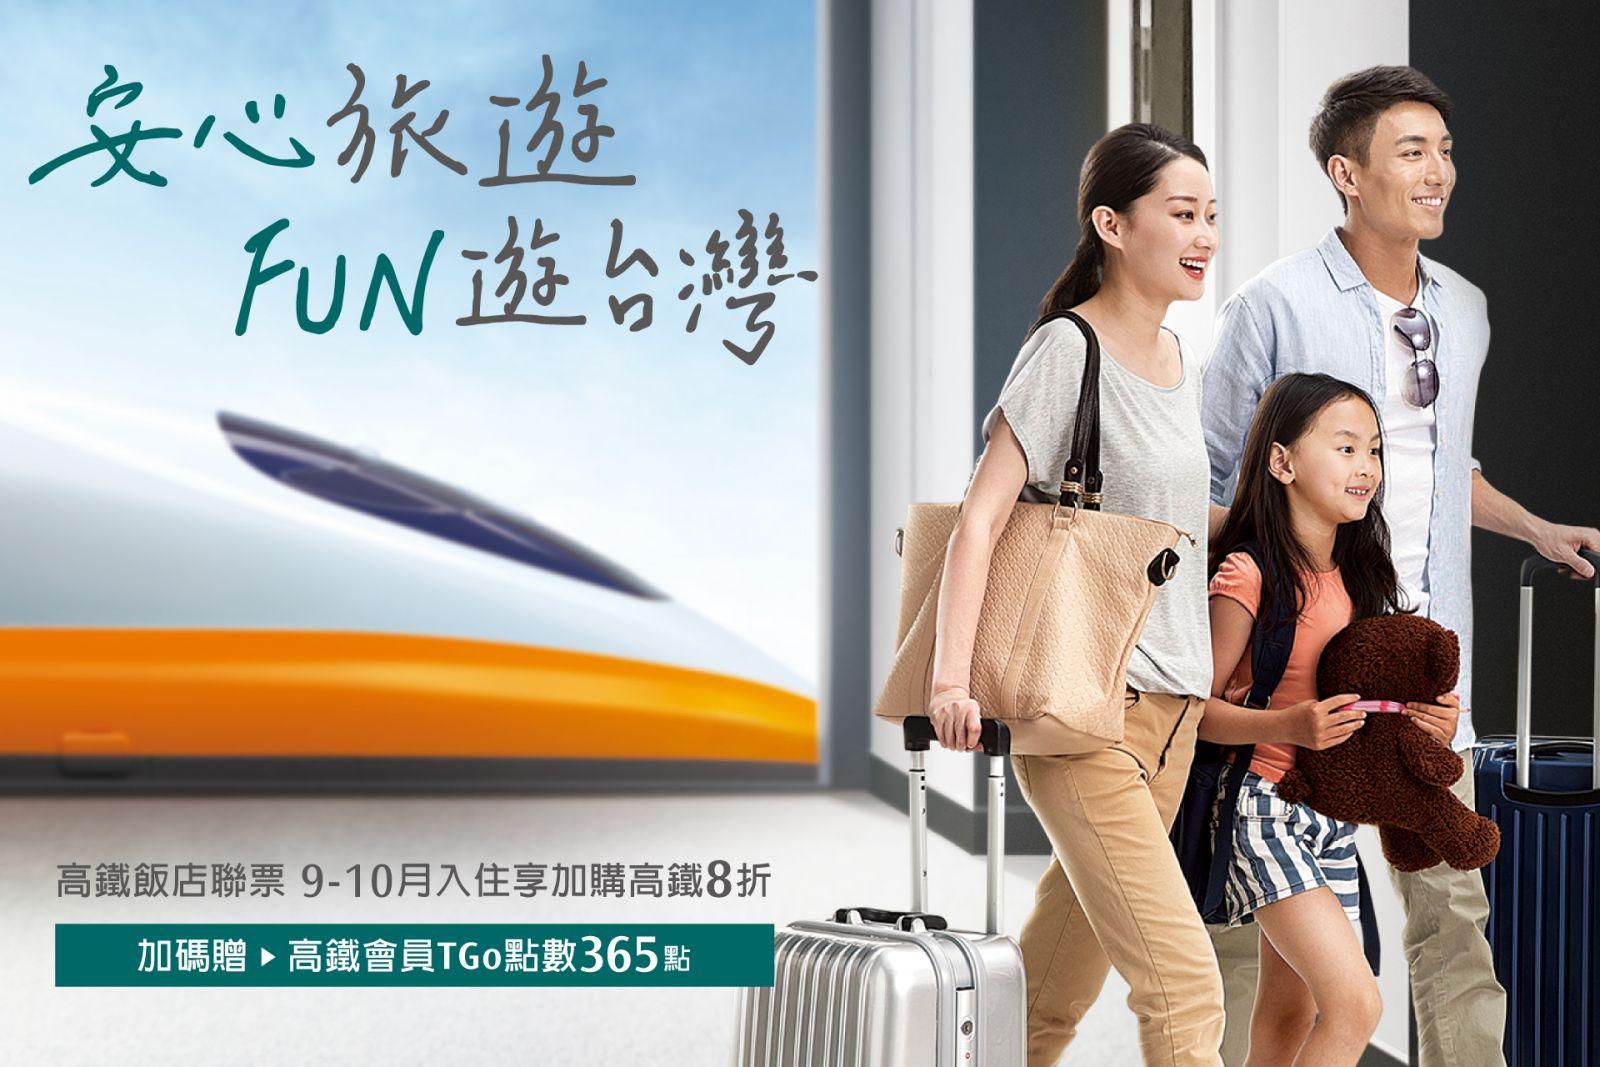 【安心旅遊fun遊台灣】高鐵飯店聯票優惠